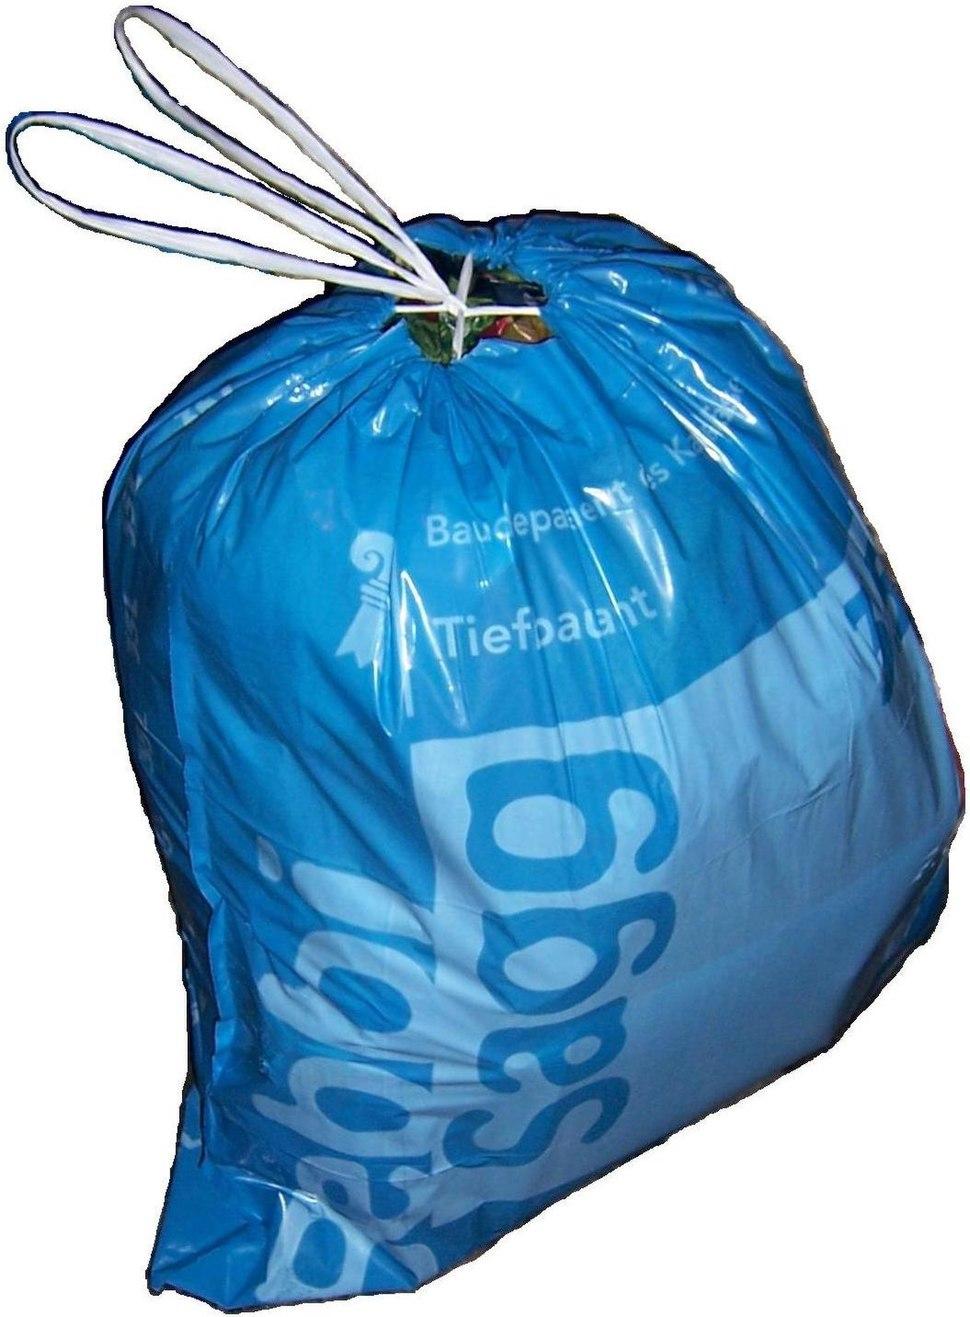 Garbage bag Basel Bebbisagg